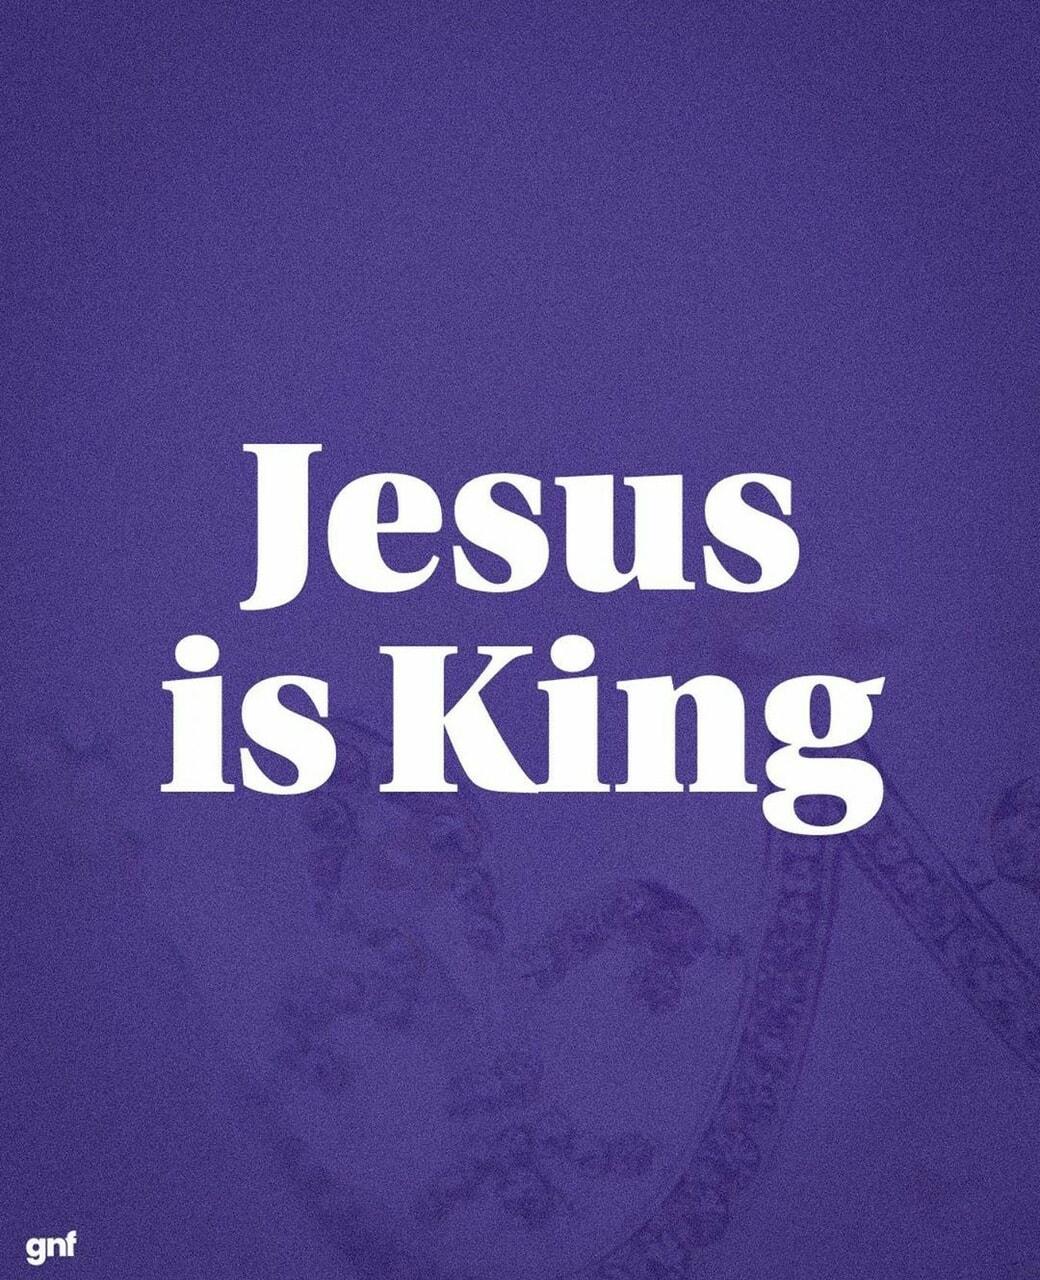 Catholic, Christianity, and jesus image